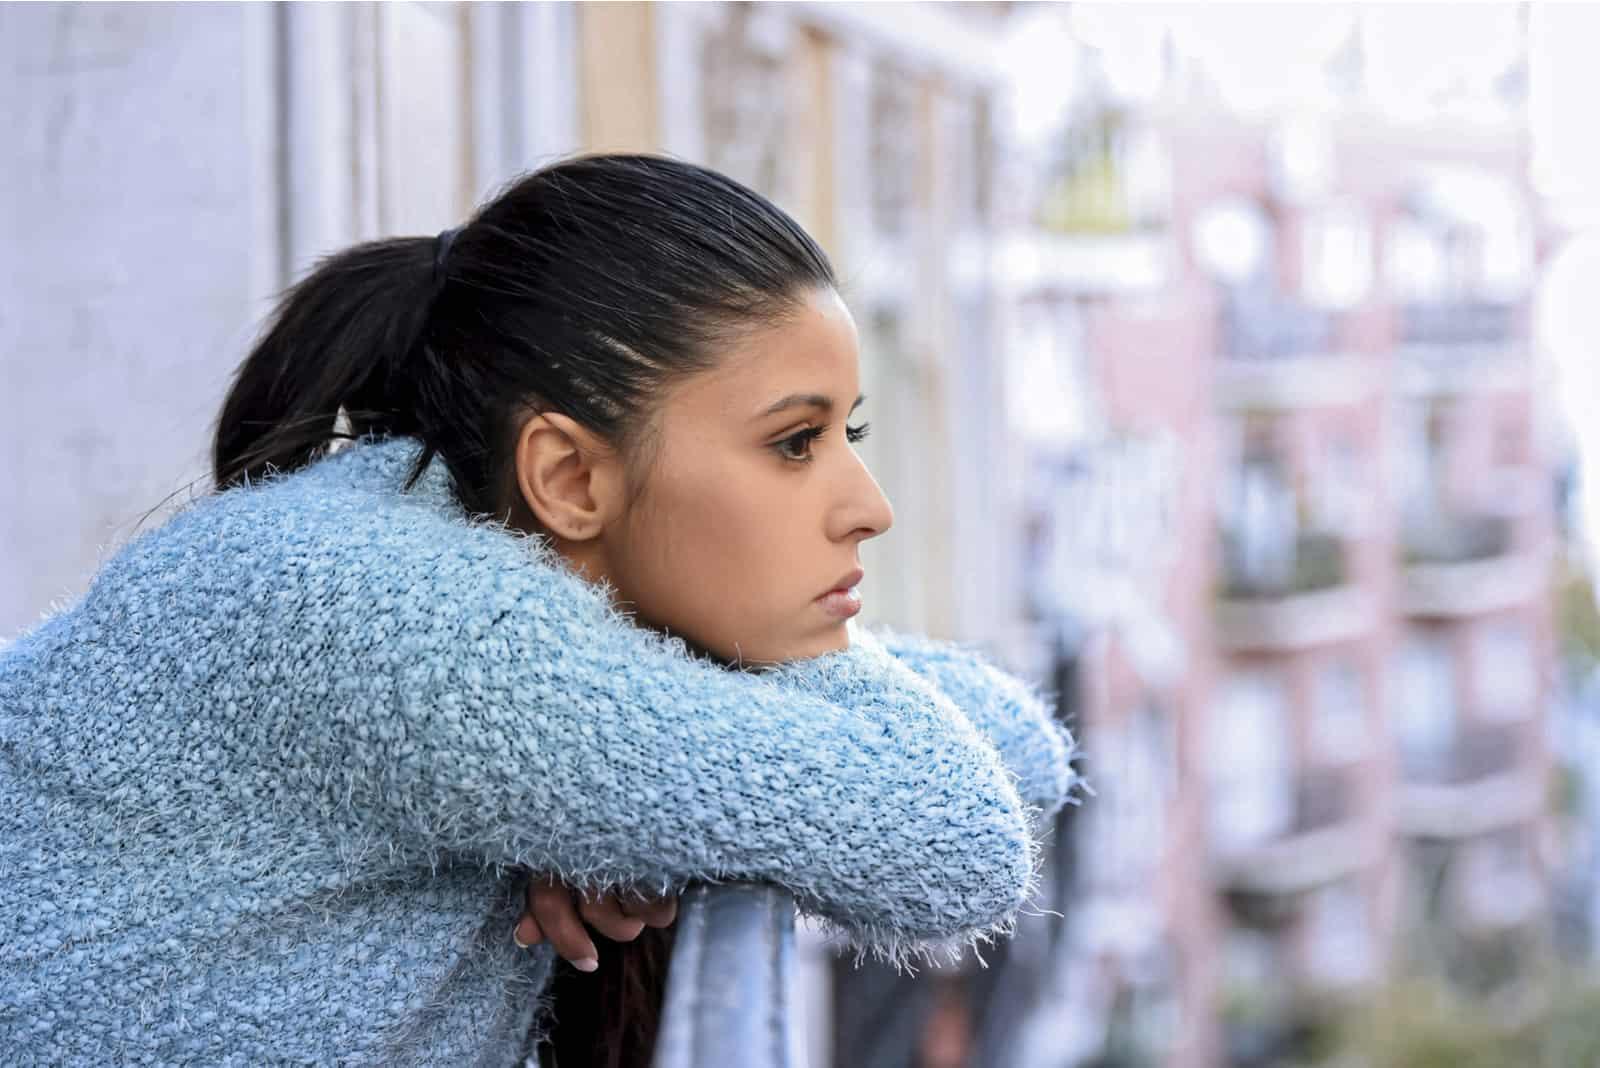 femme hispanique désespérée souffrant de dépression